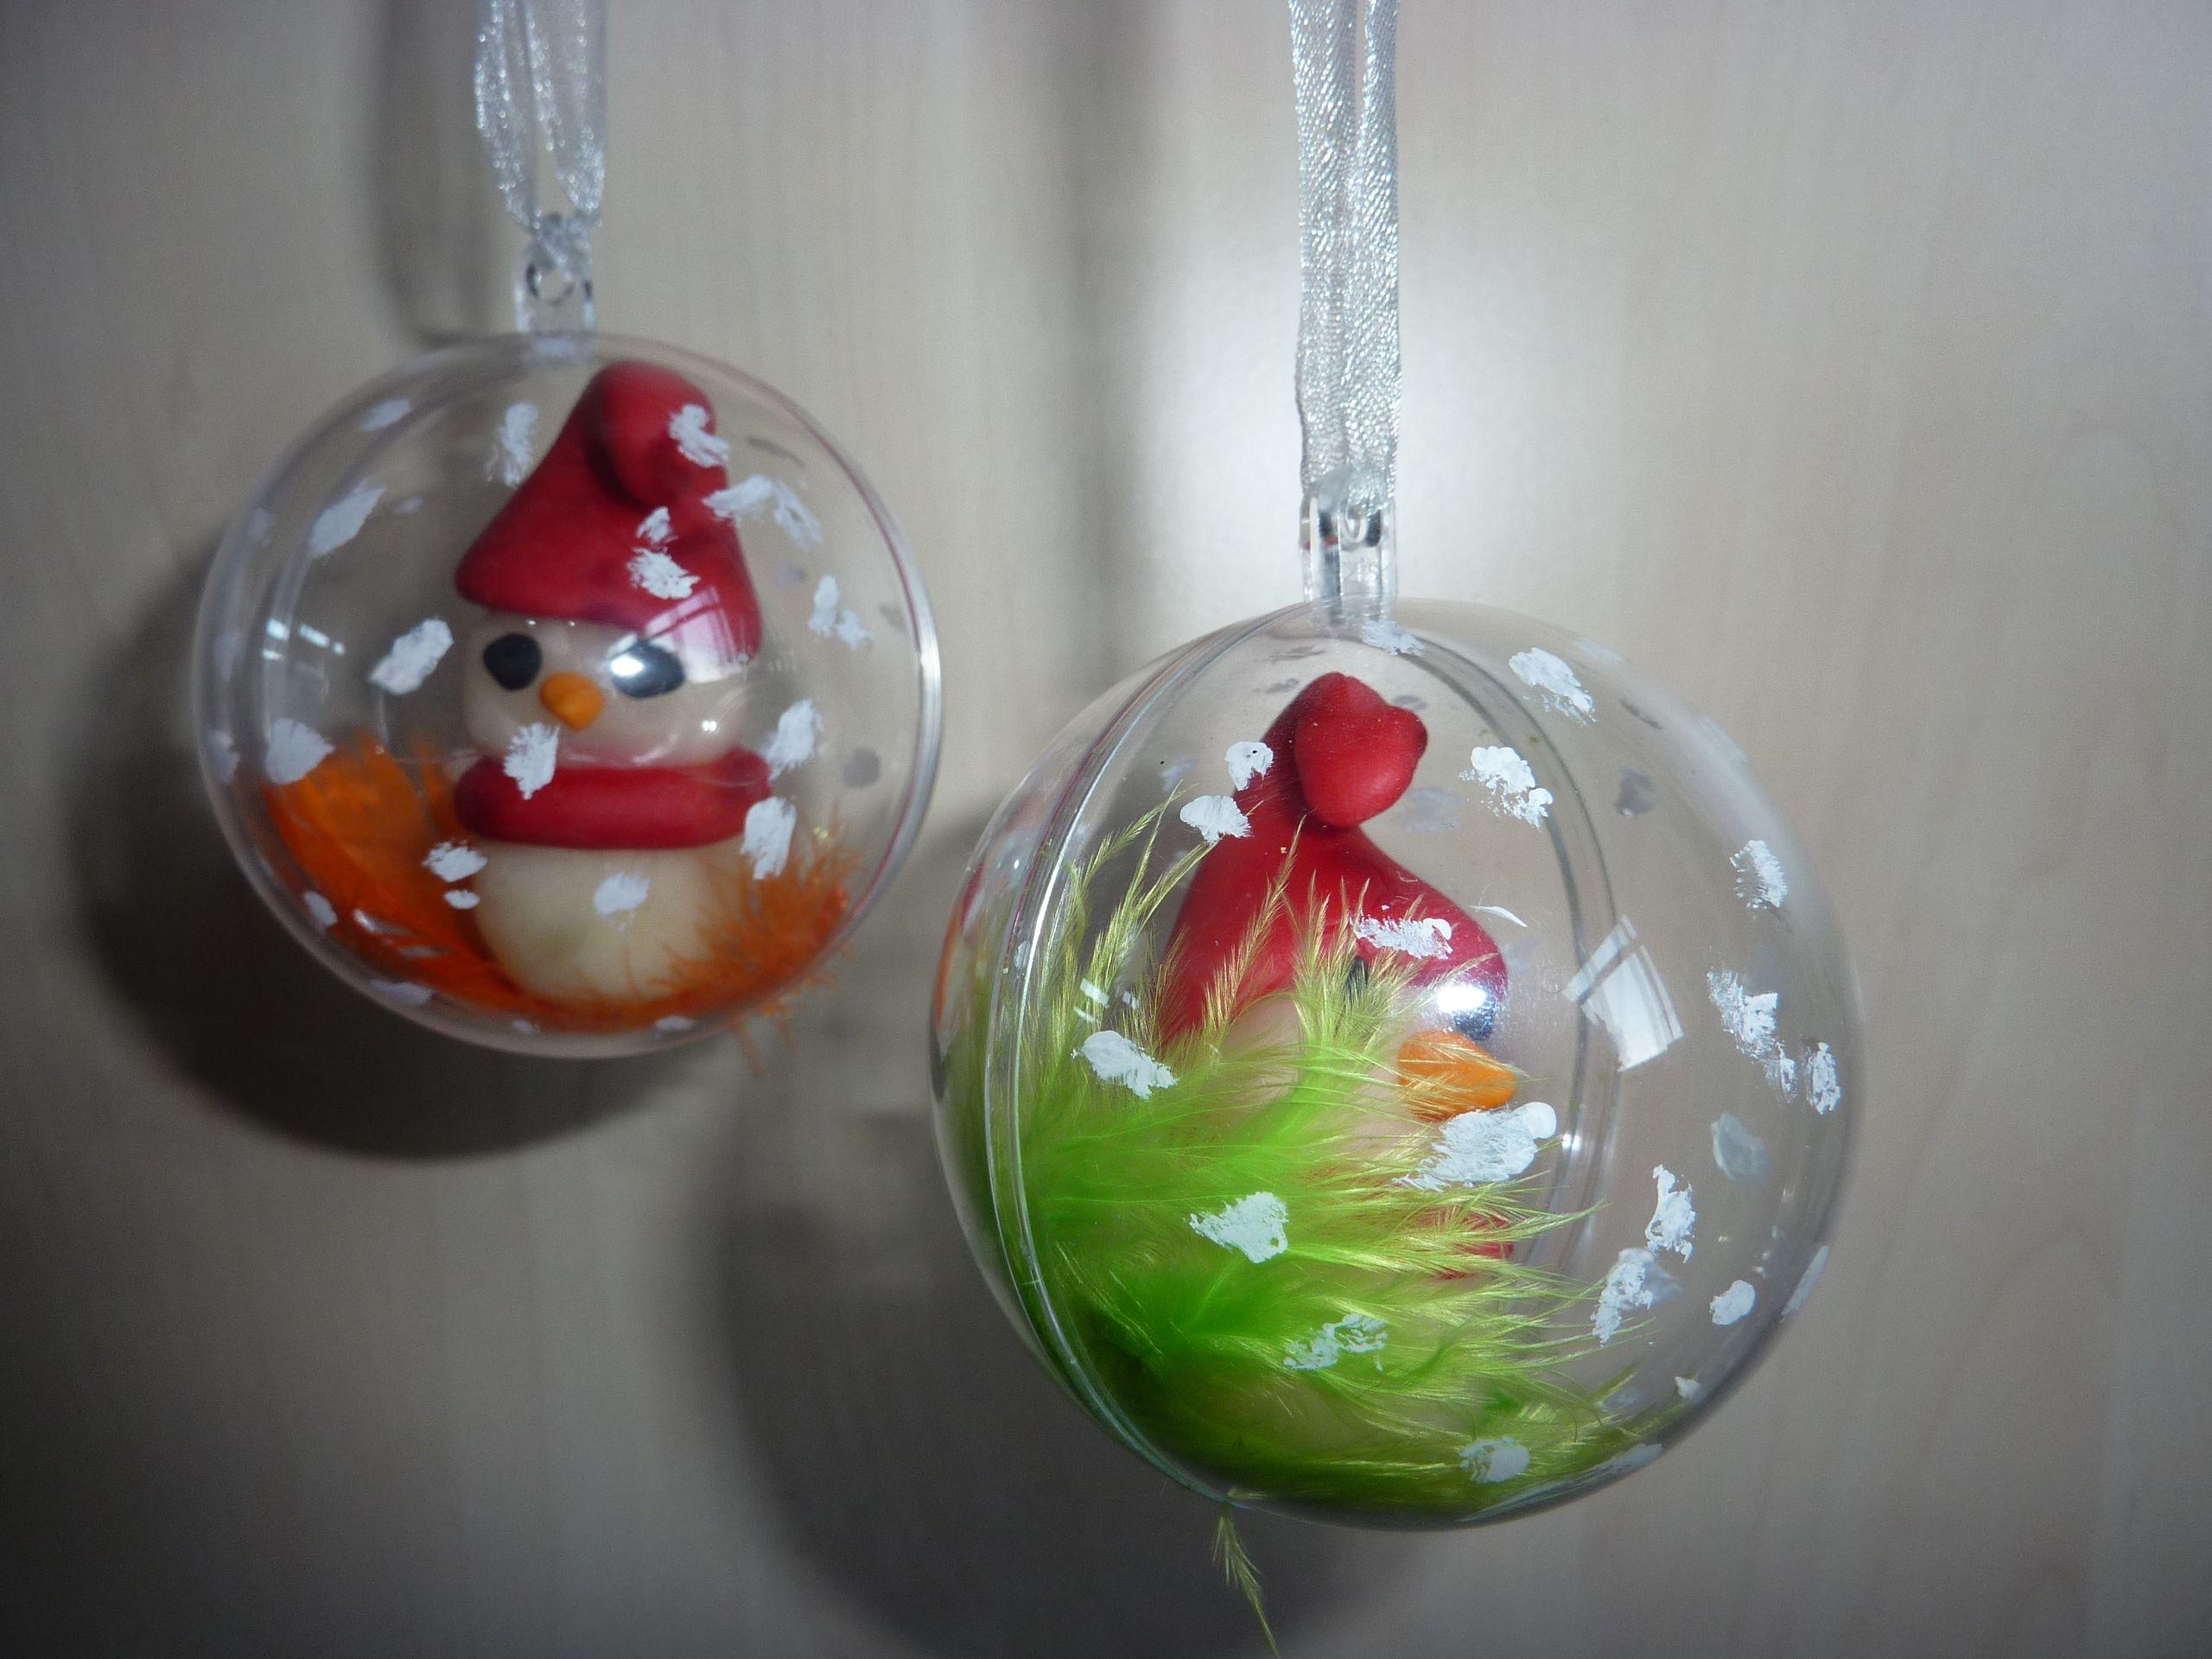 Idee Deco Boule Plastique Transparente Noel noël: arts visuels, calendriers, fabriquer père noel   noel